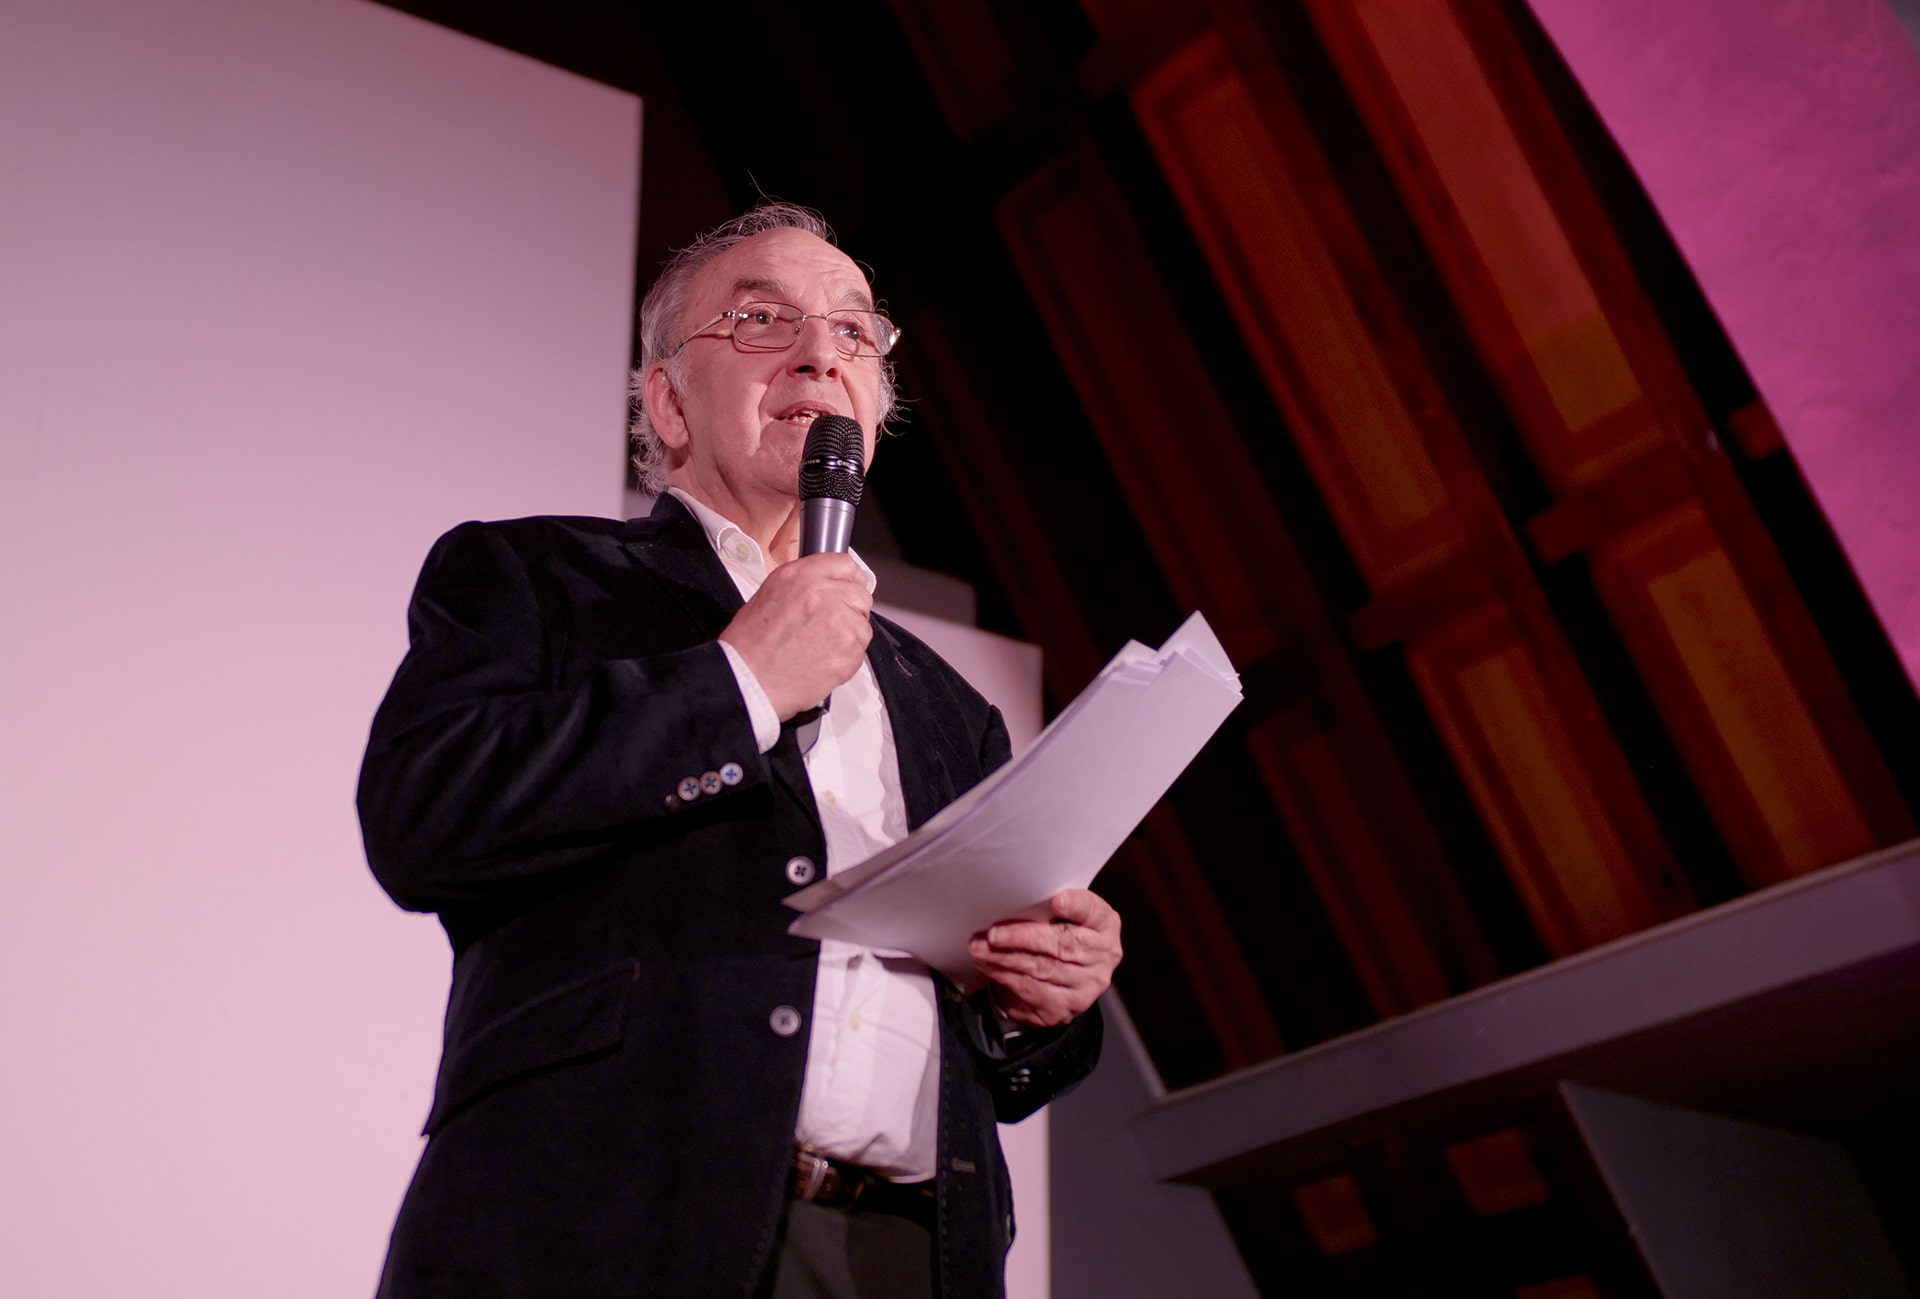 Jacques Rey, président du Jury, commente chacun des films présentés.